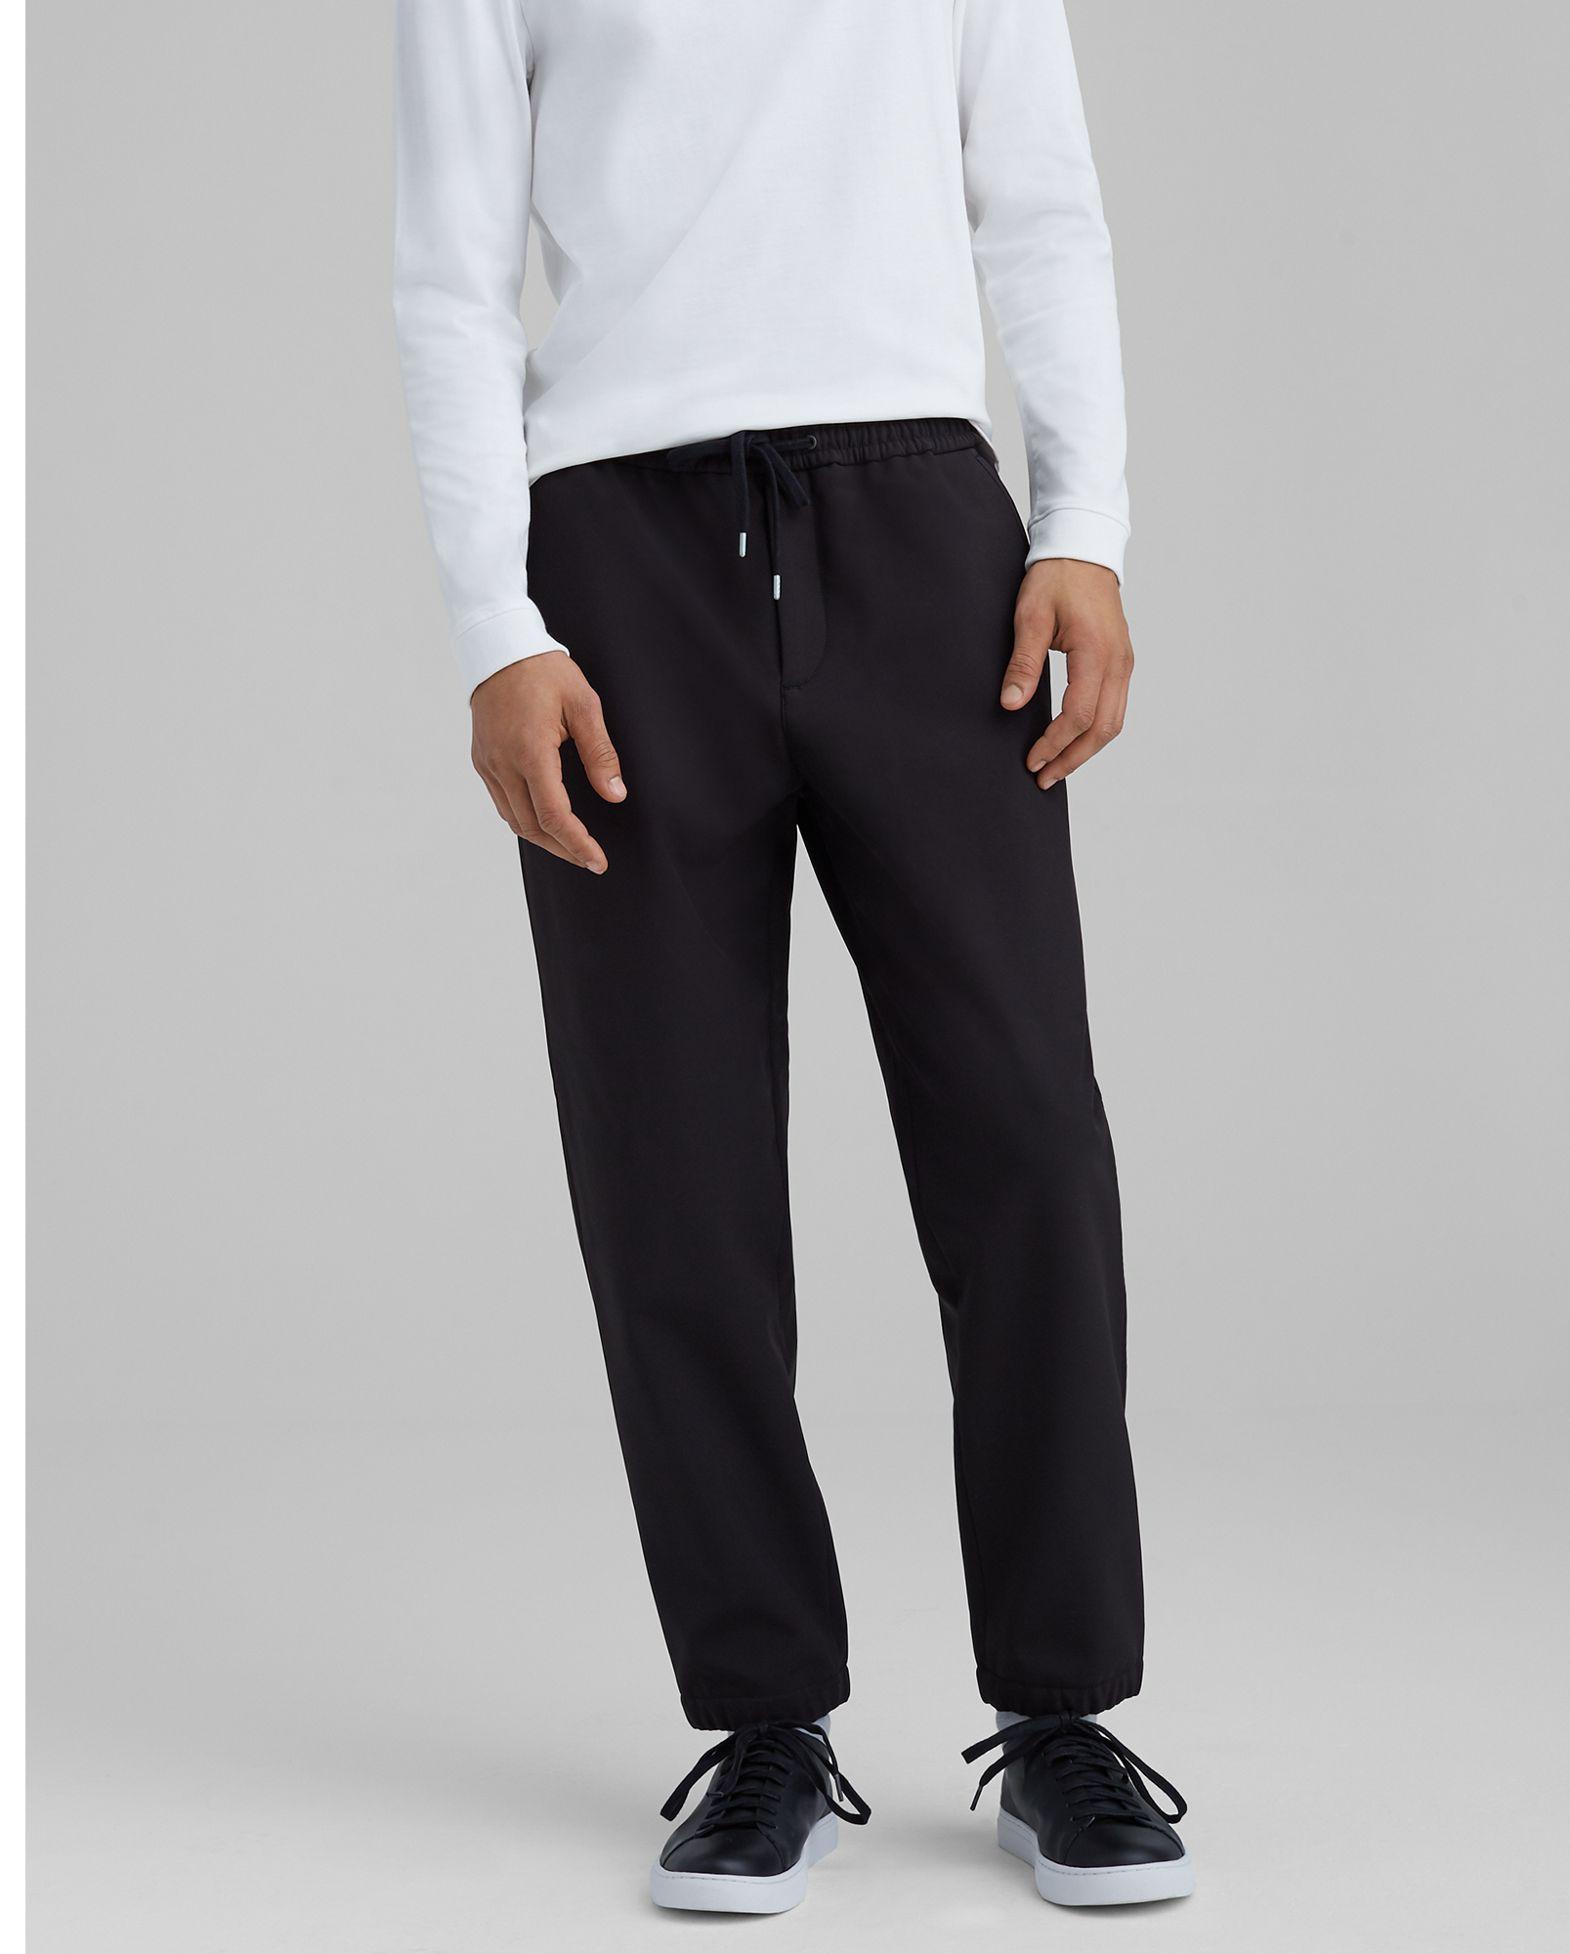 CLUB MONACO Fleece Back Pants